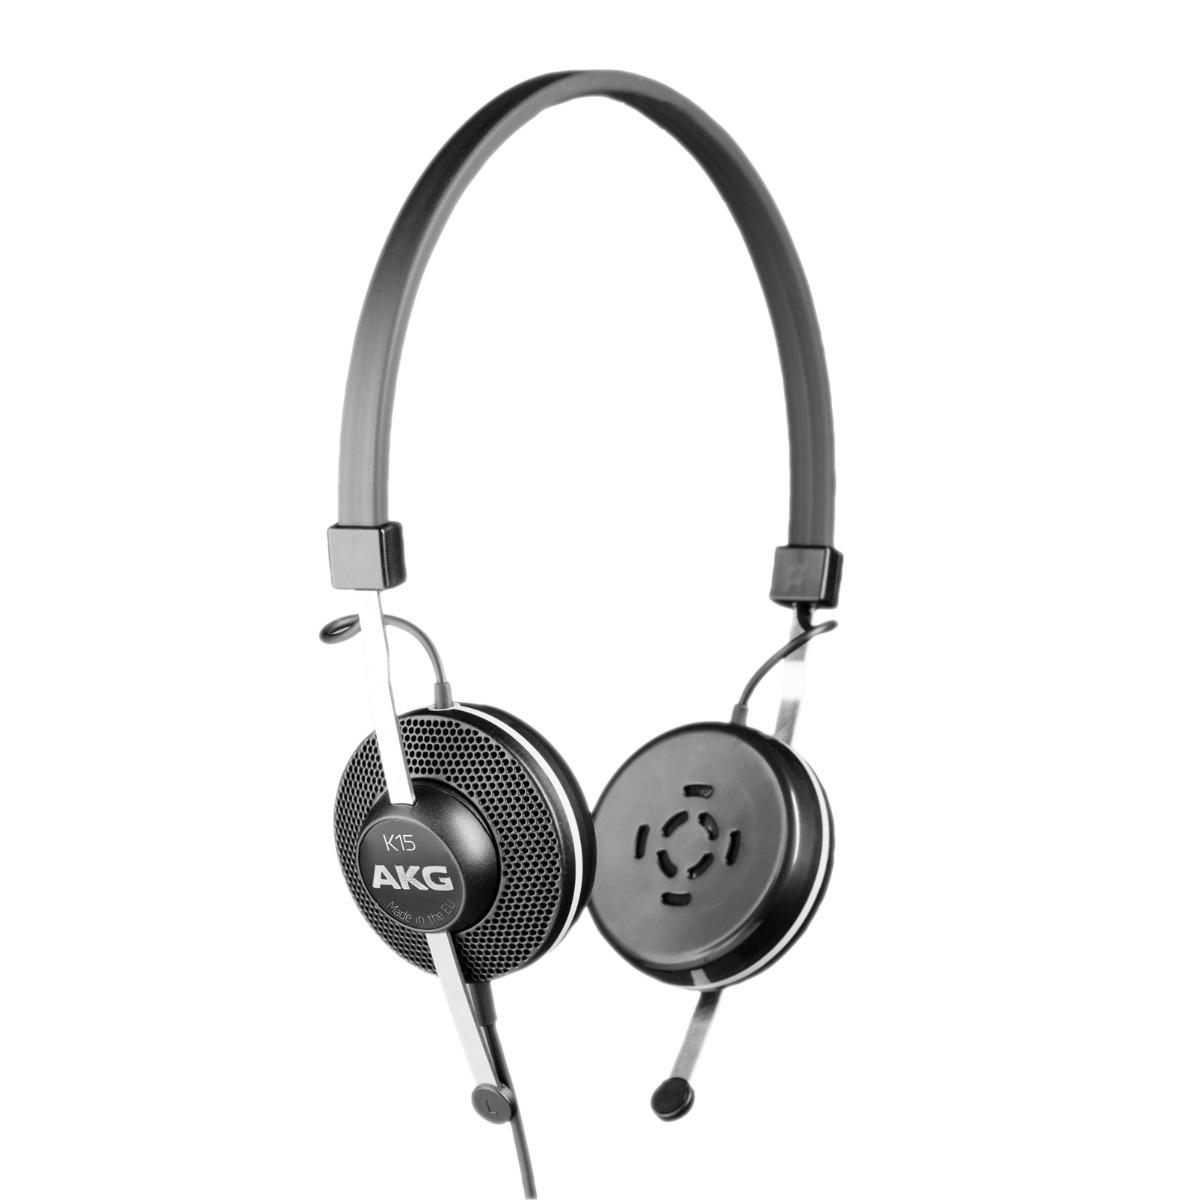 Fone De Ouvido Akg K15 Headphone Para Conferência